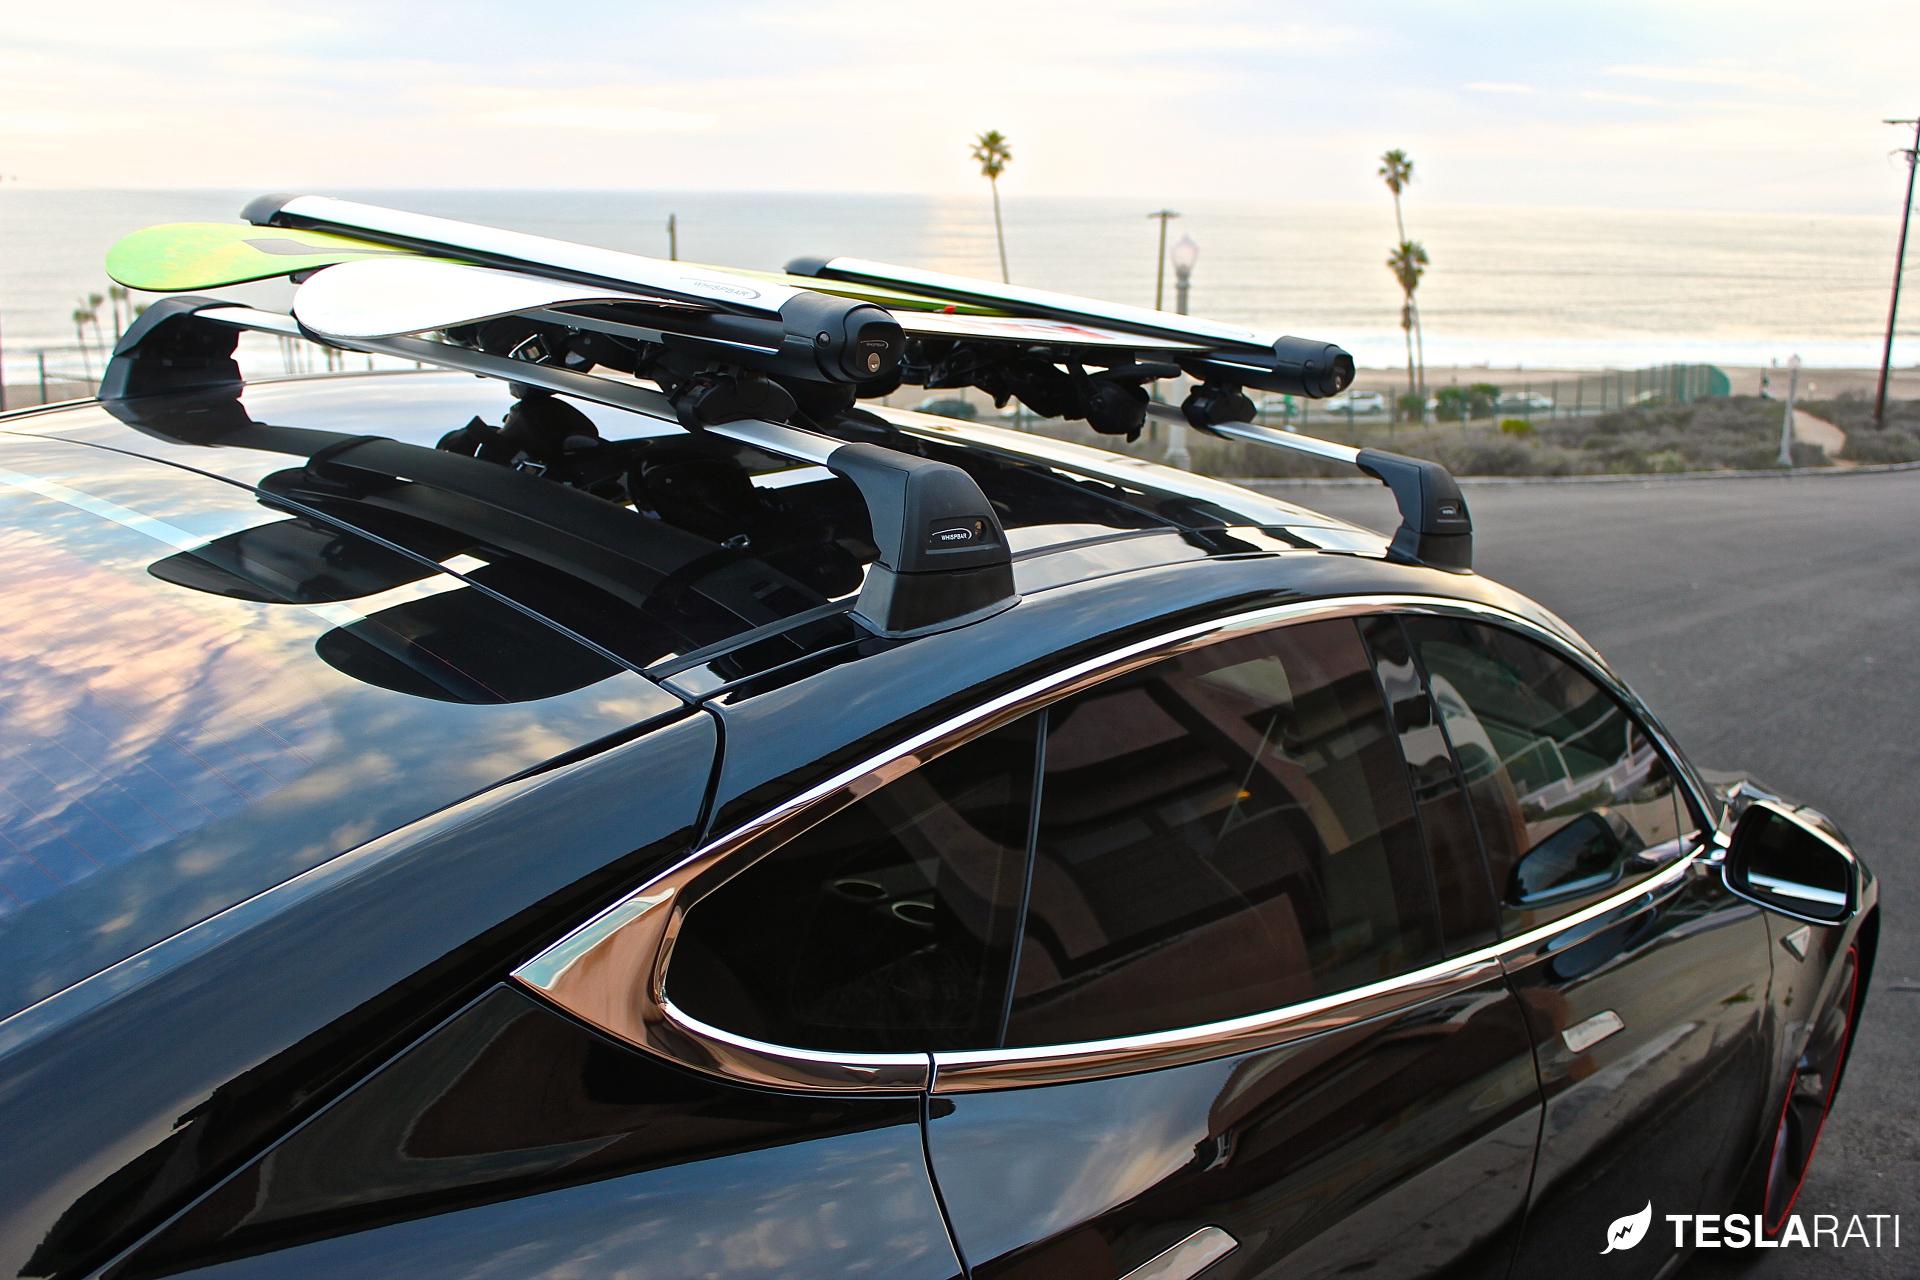 Tesla-Model-S-Whispbar-Snow-Mount-Top